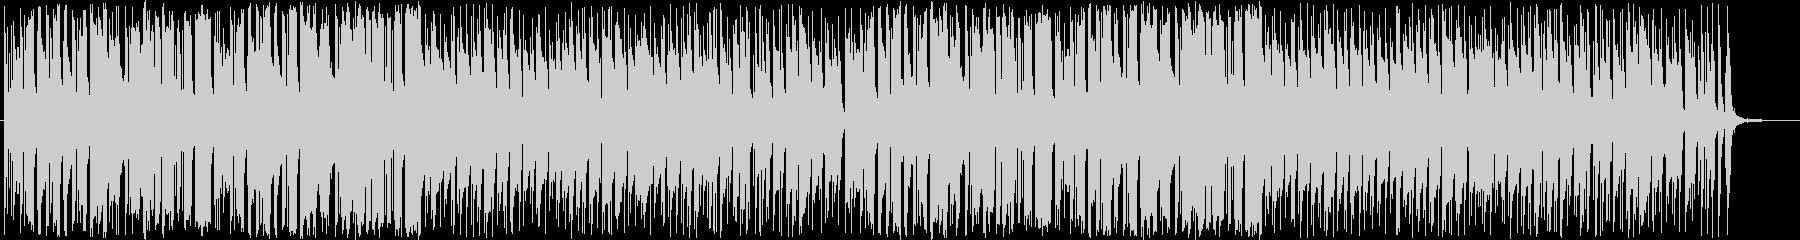 アニメの日常シーンで使えるほのぼのBGMの未再生の波形